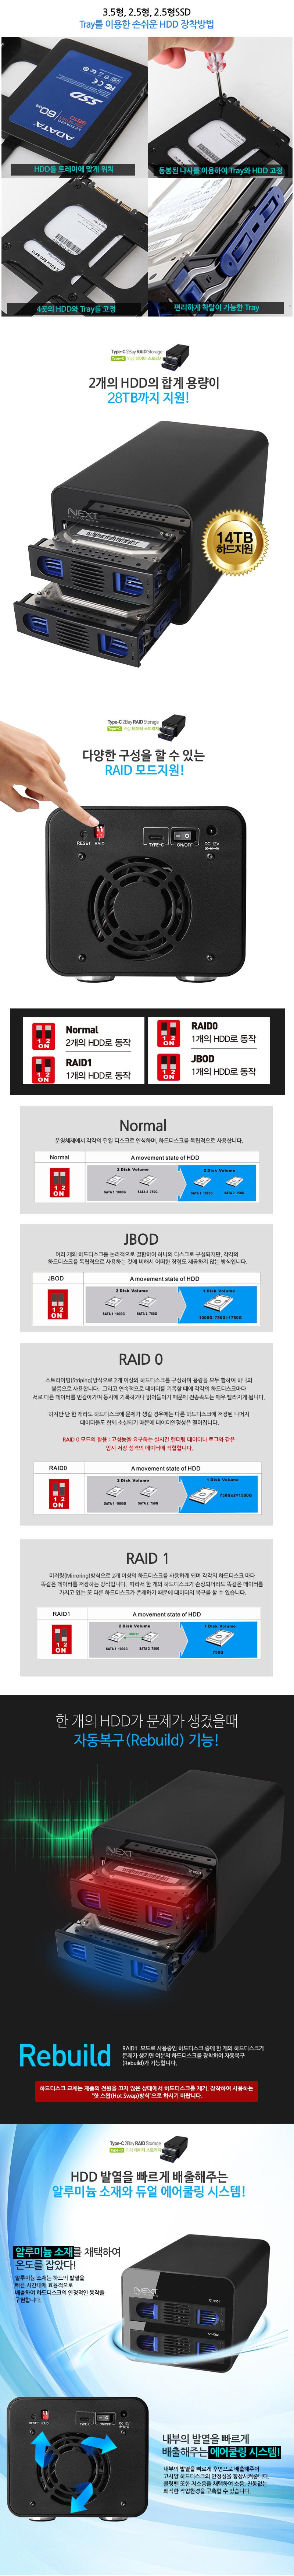 이지넷유비쿼터스 넥스트 NEXT-702TC RAID (2TB)